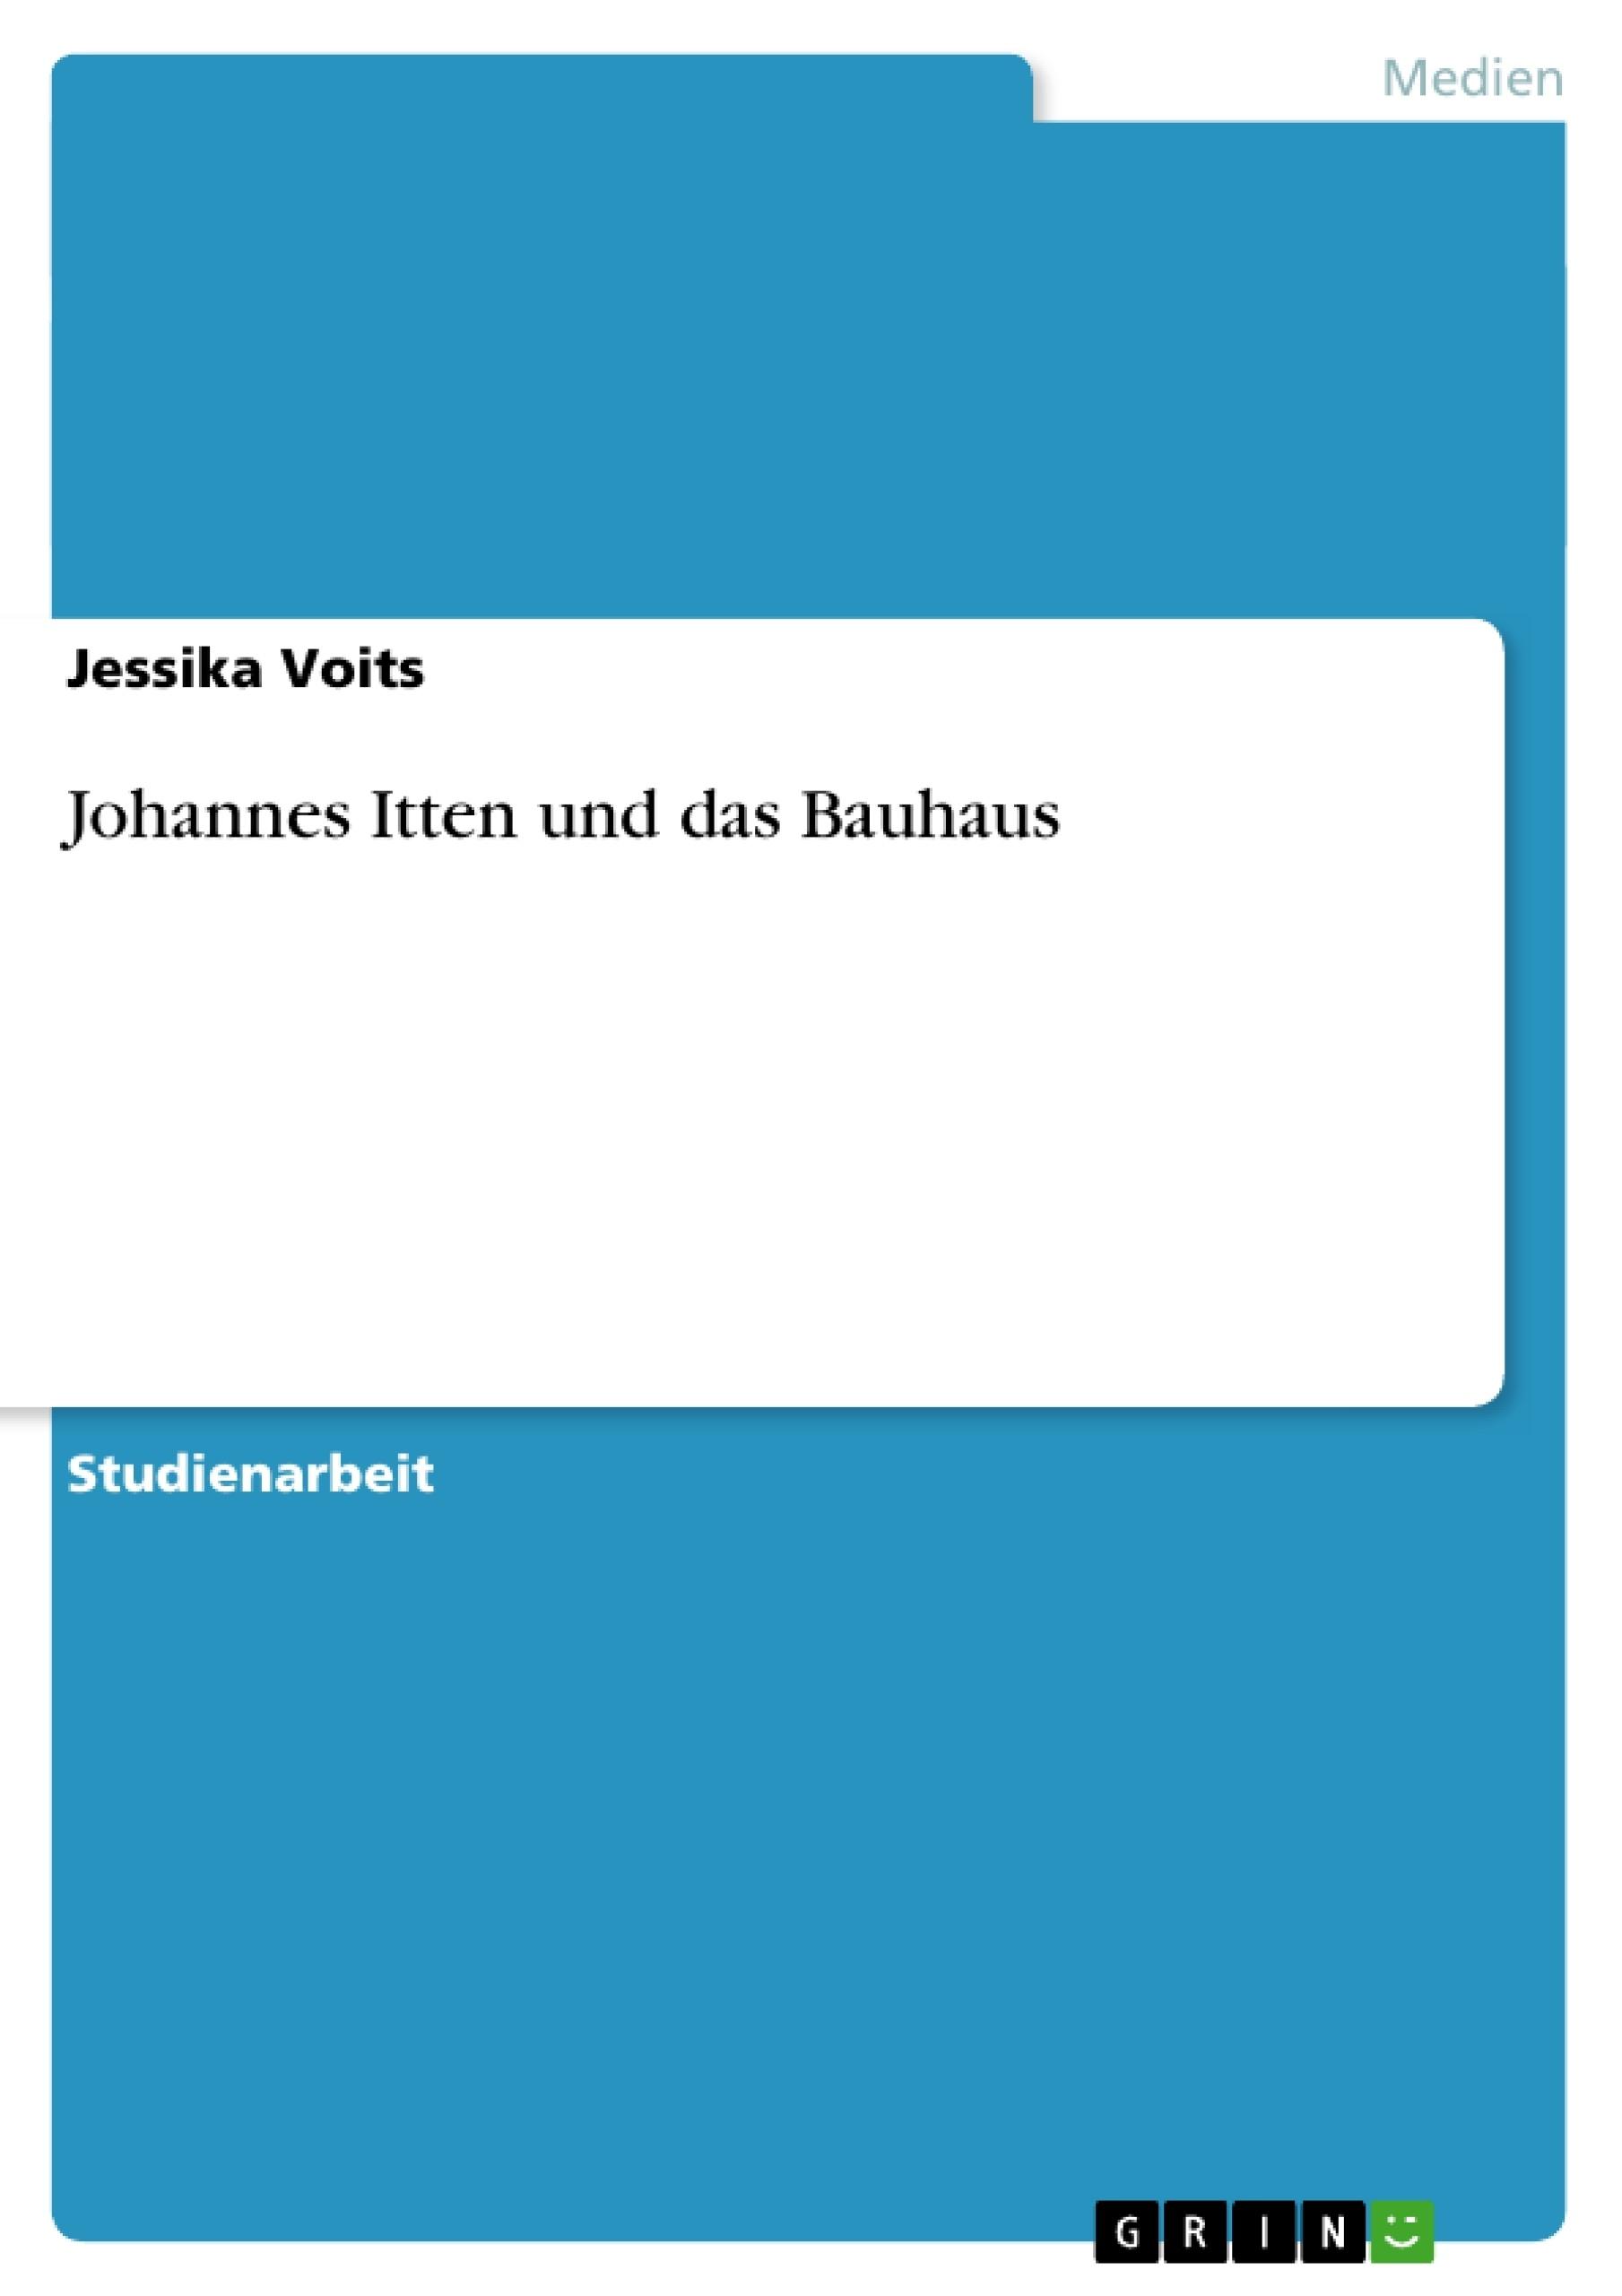 Titel: Johannes Itten und das Bauhaus